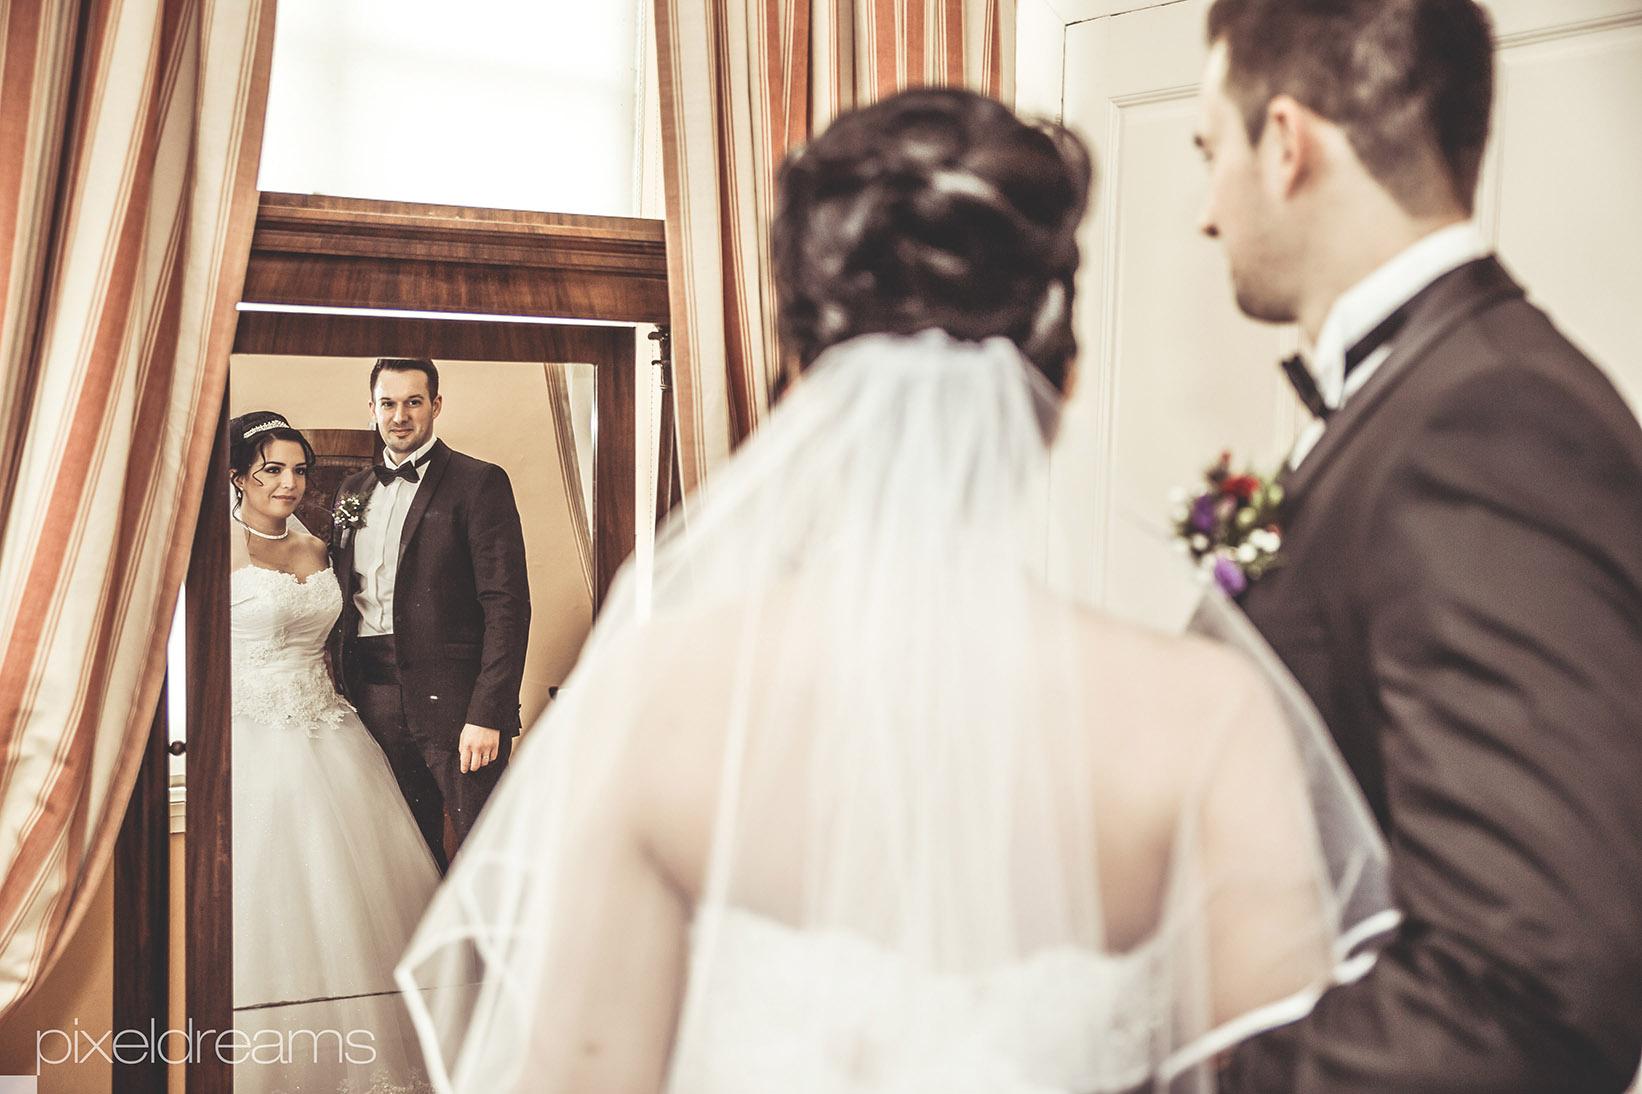 Braut-Braeutigam-Schleier-Vintage-Retro-Schloss-Spiegel--Hochzeitsreportage-Hochzeitsfotograf-Hochzeitsvideograf